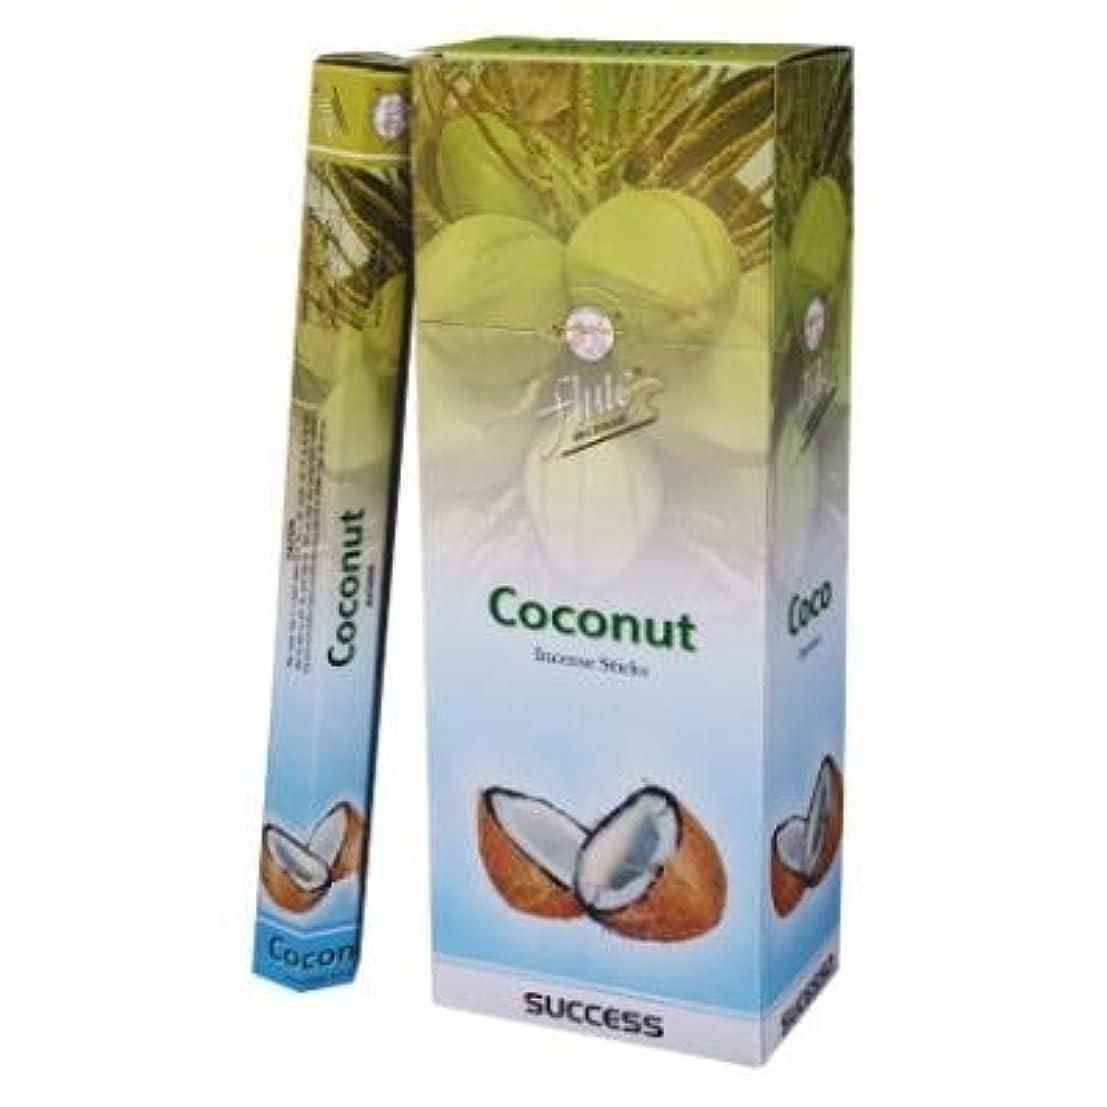 コーヒーコメンテーターデコレーションFlute Coconut Hex Incense Sticks - 20 Sticks(Single Pack) by Flute Incense [並行輸入品]